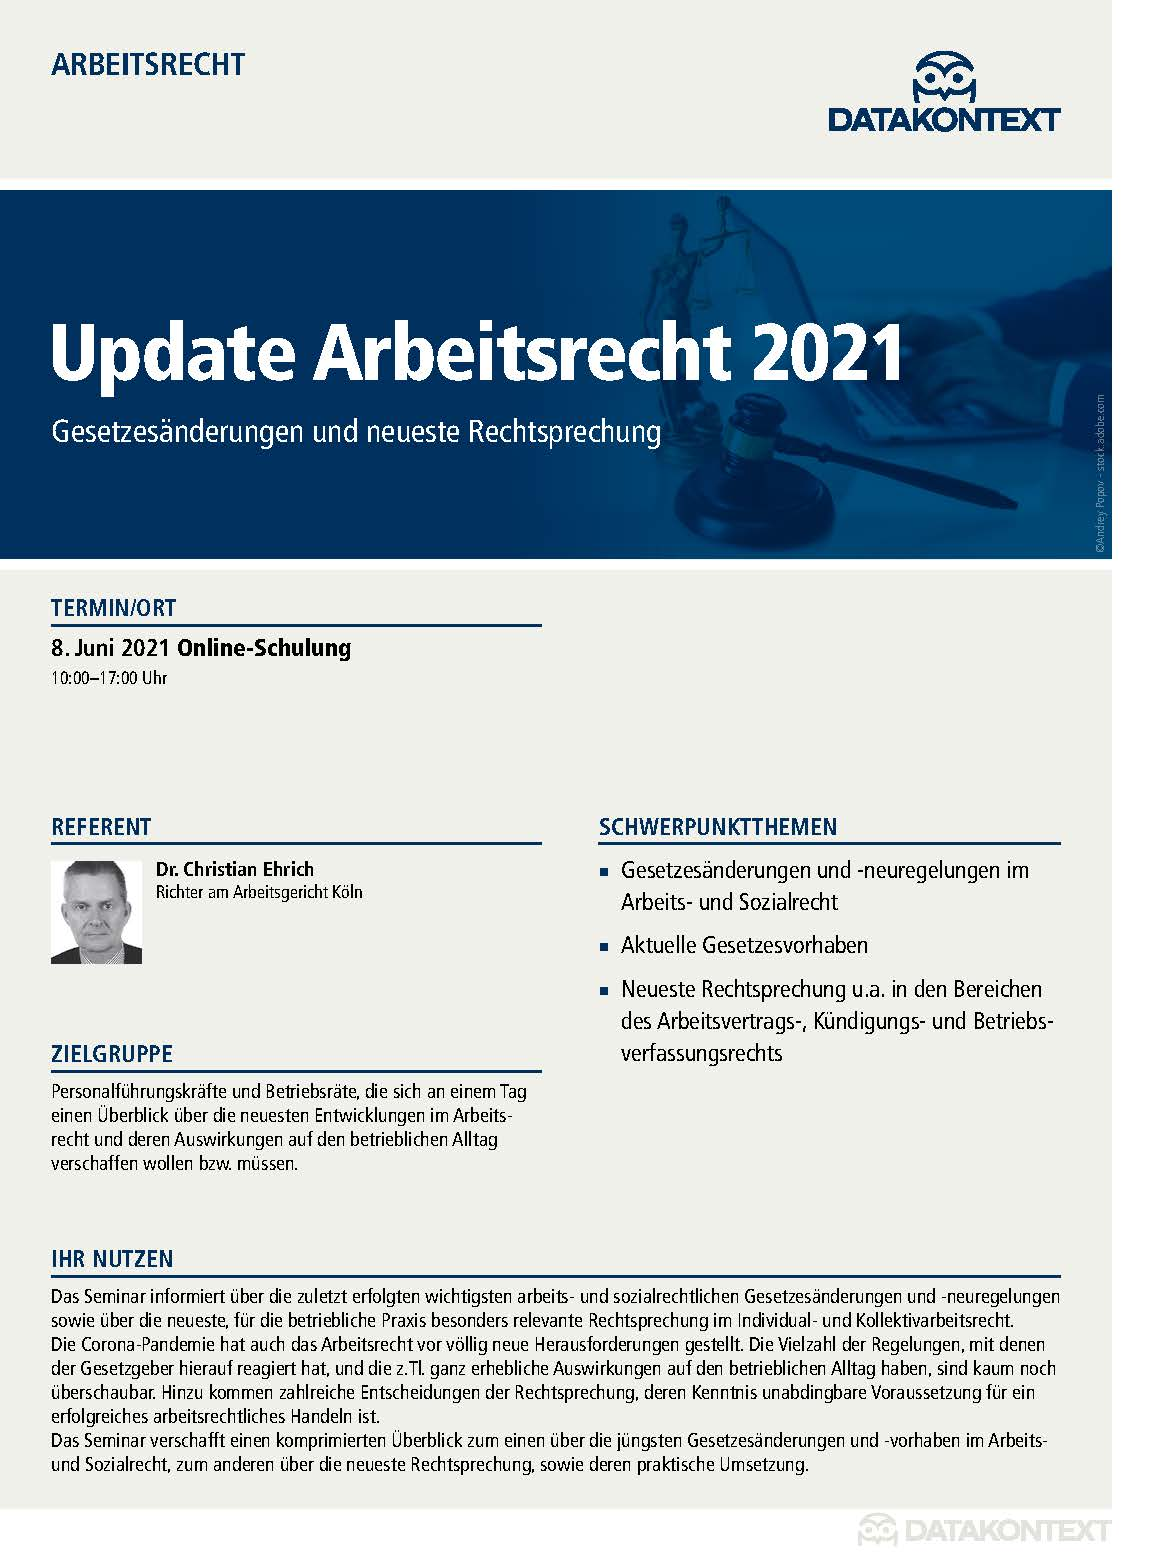 Update Arbeitsrecht 2021